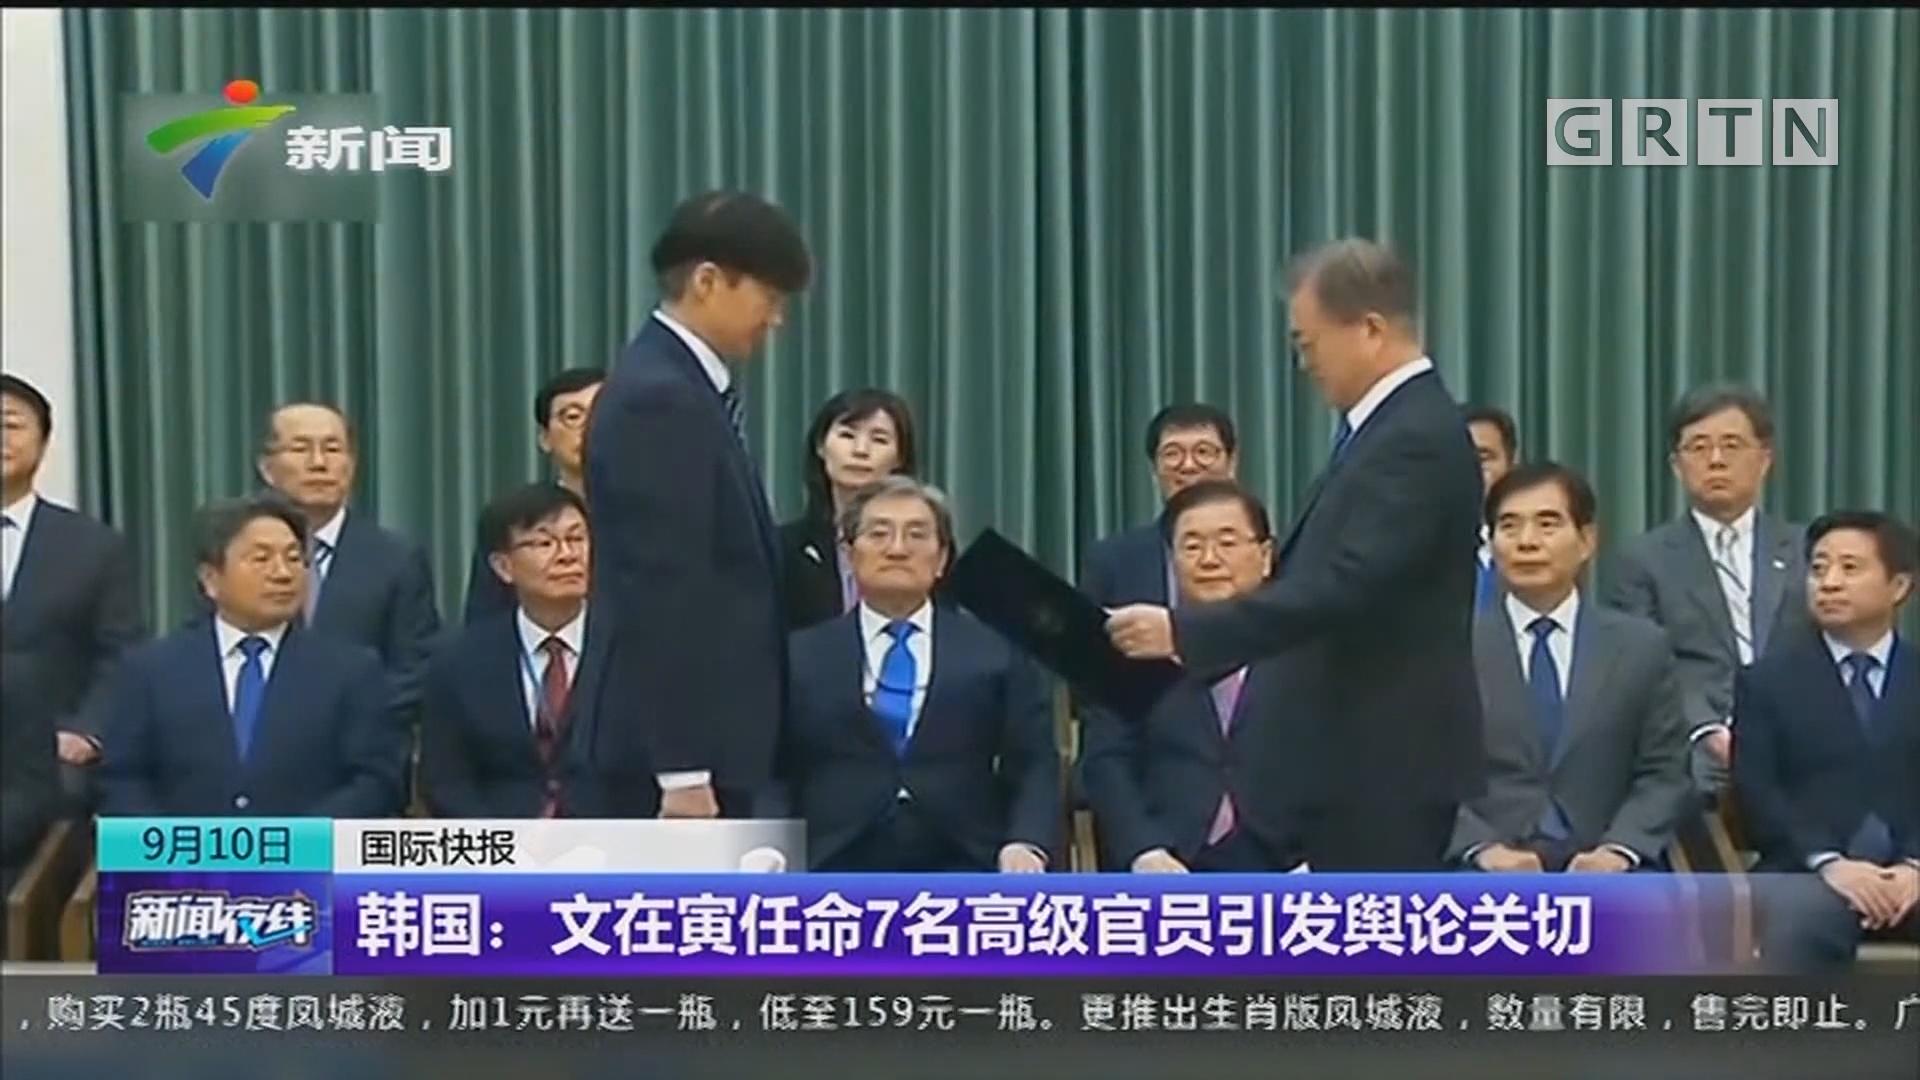 韩国:文在寅任命7名高级官员引发舆论关切